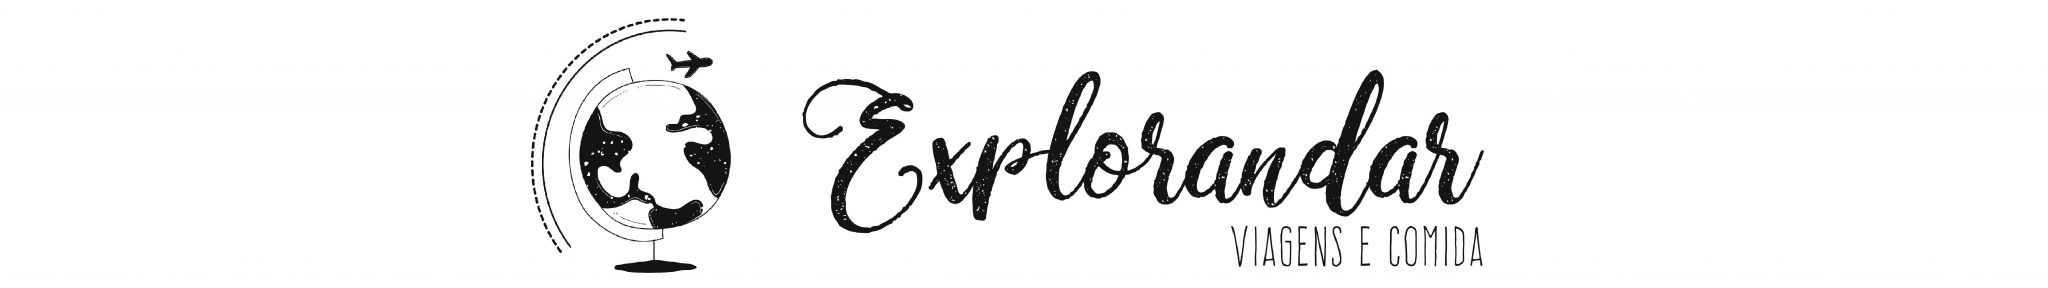 Explorandar